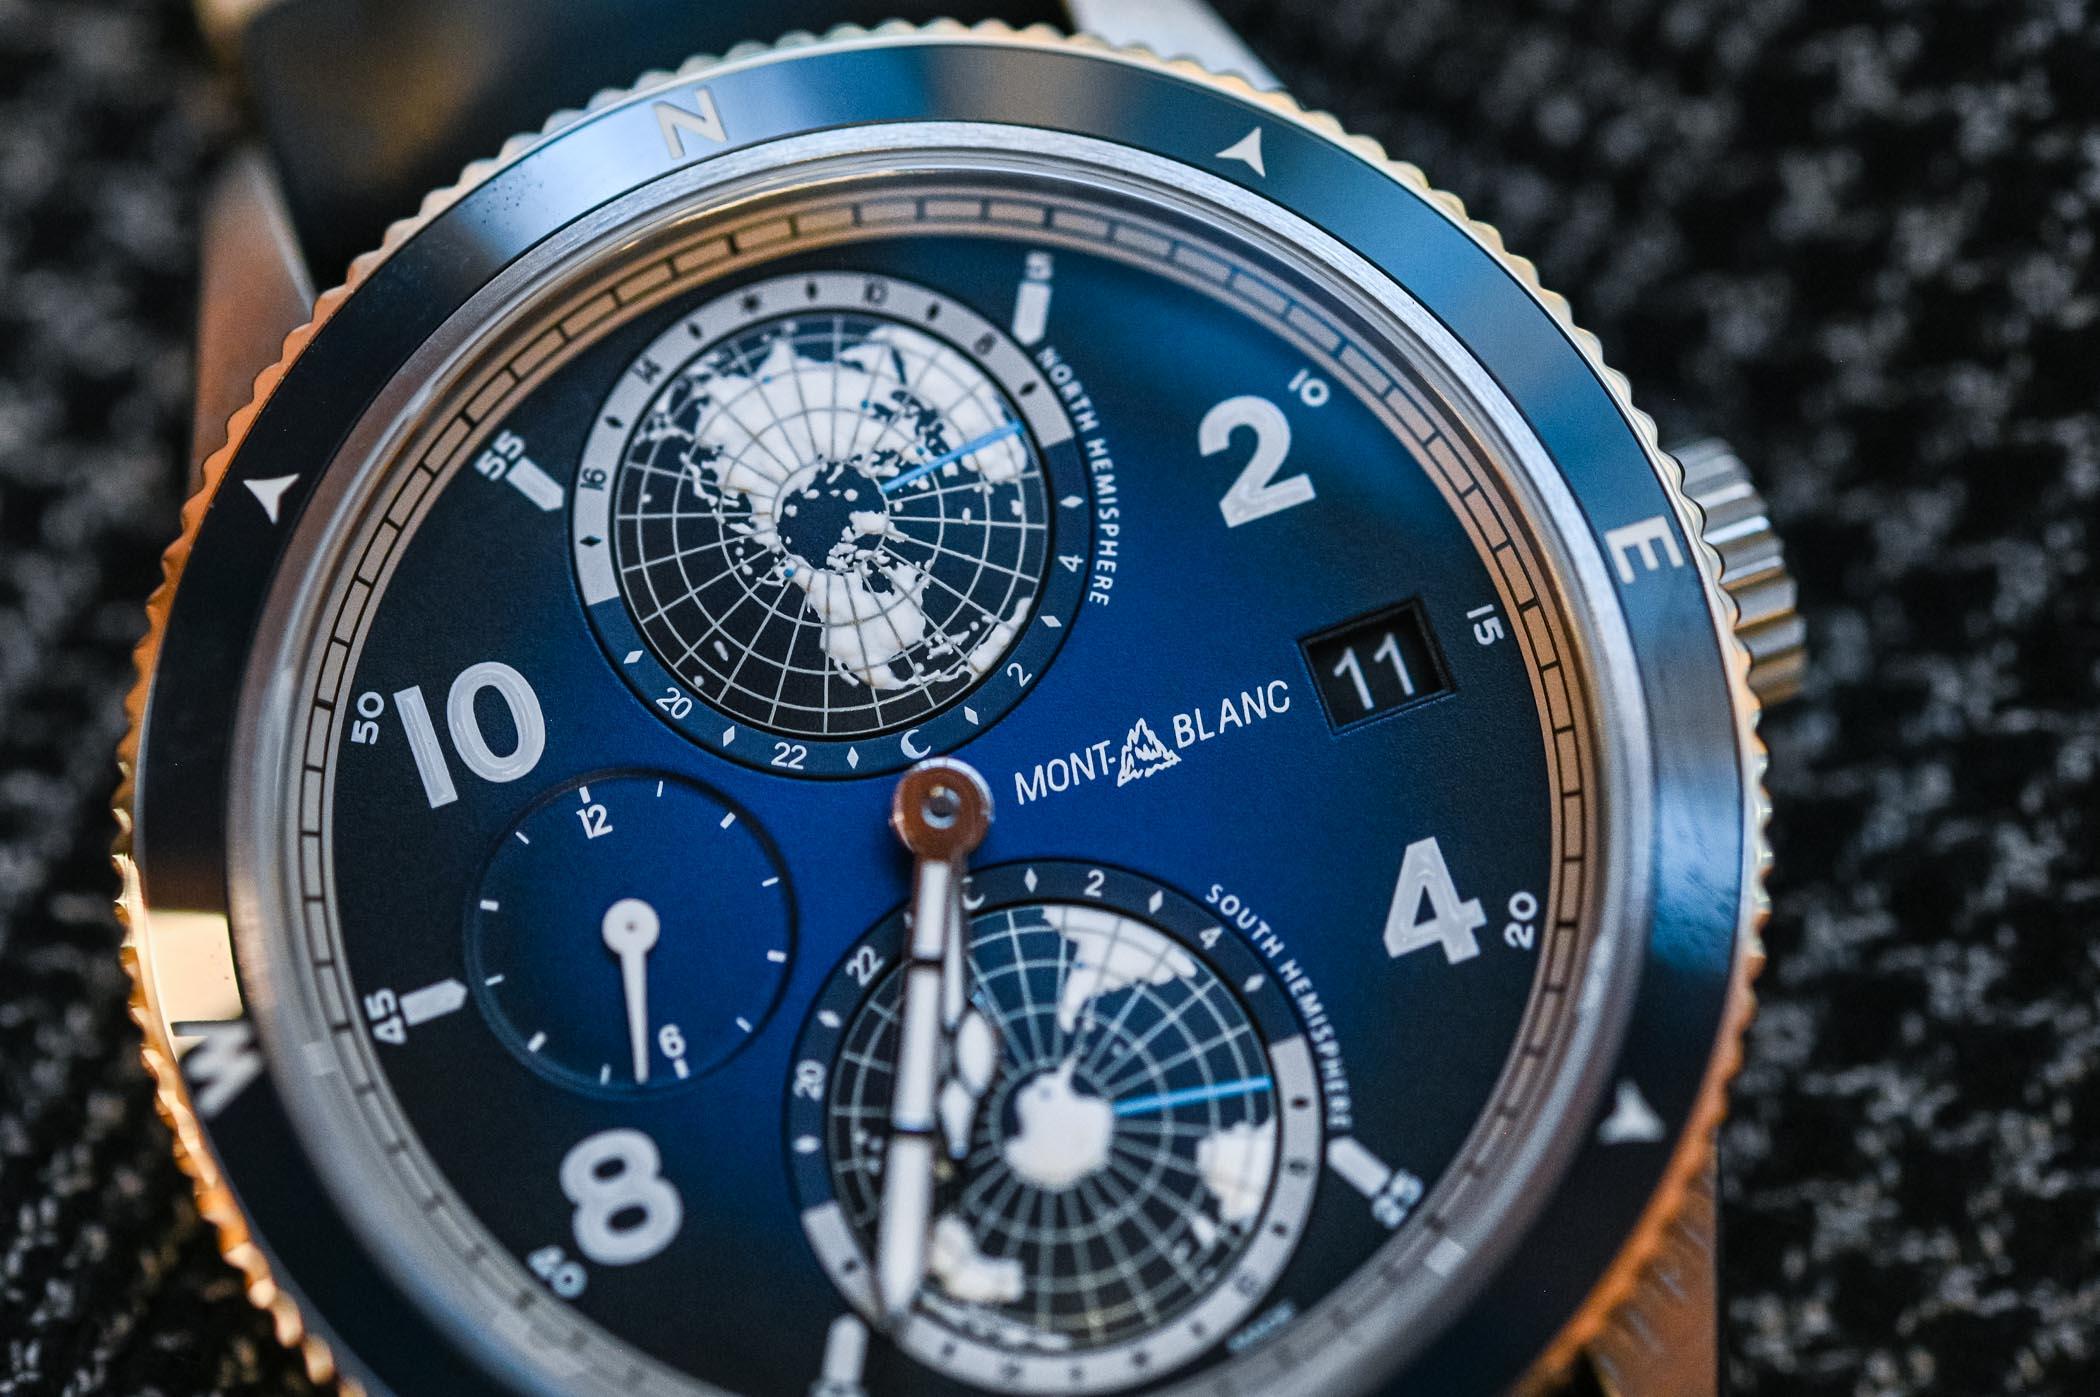 Montblanc 1858 Geosphere Titanium and Blue dial